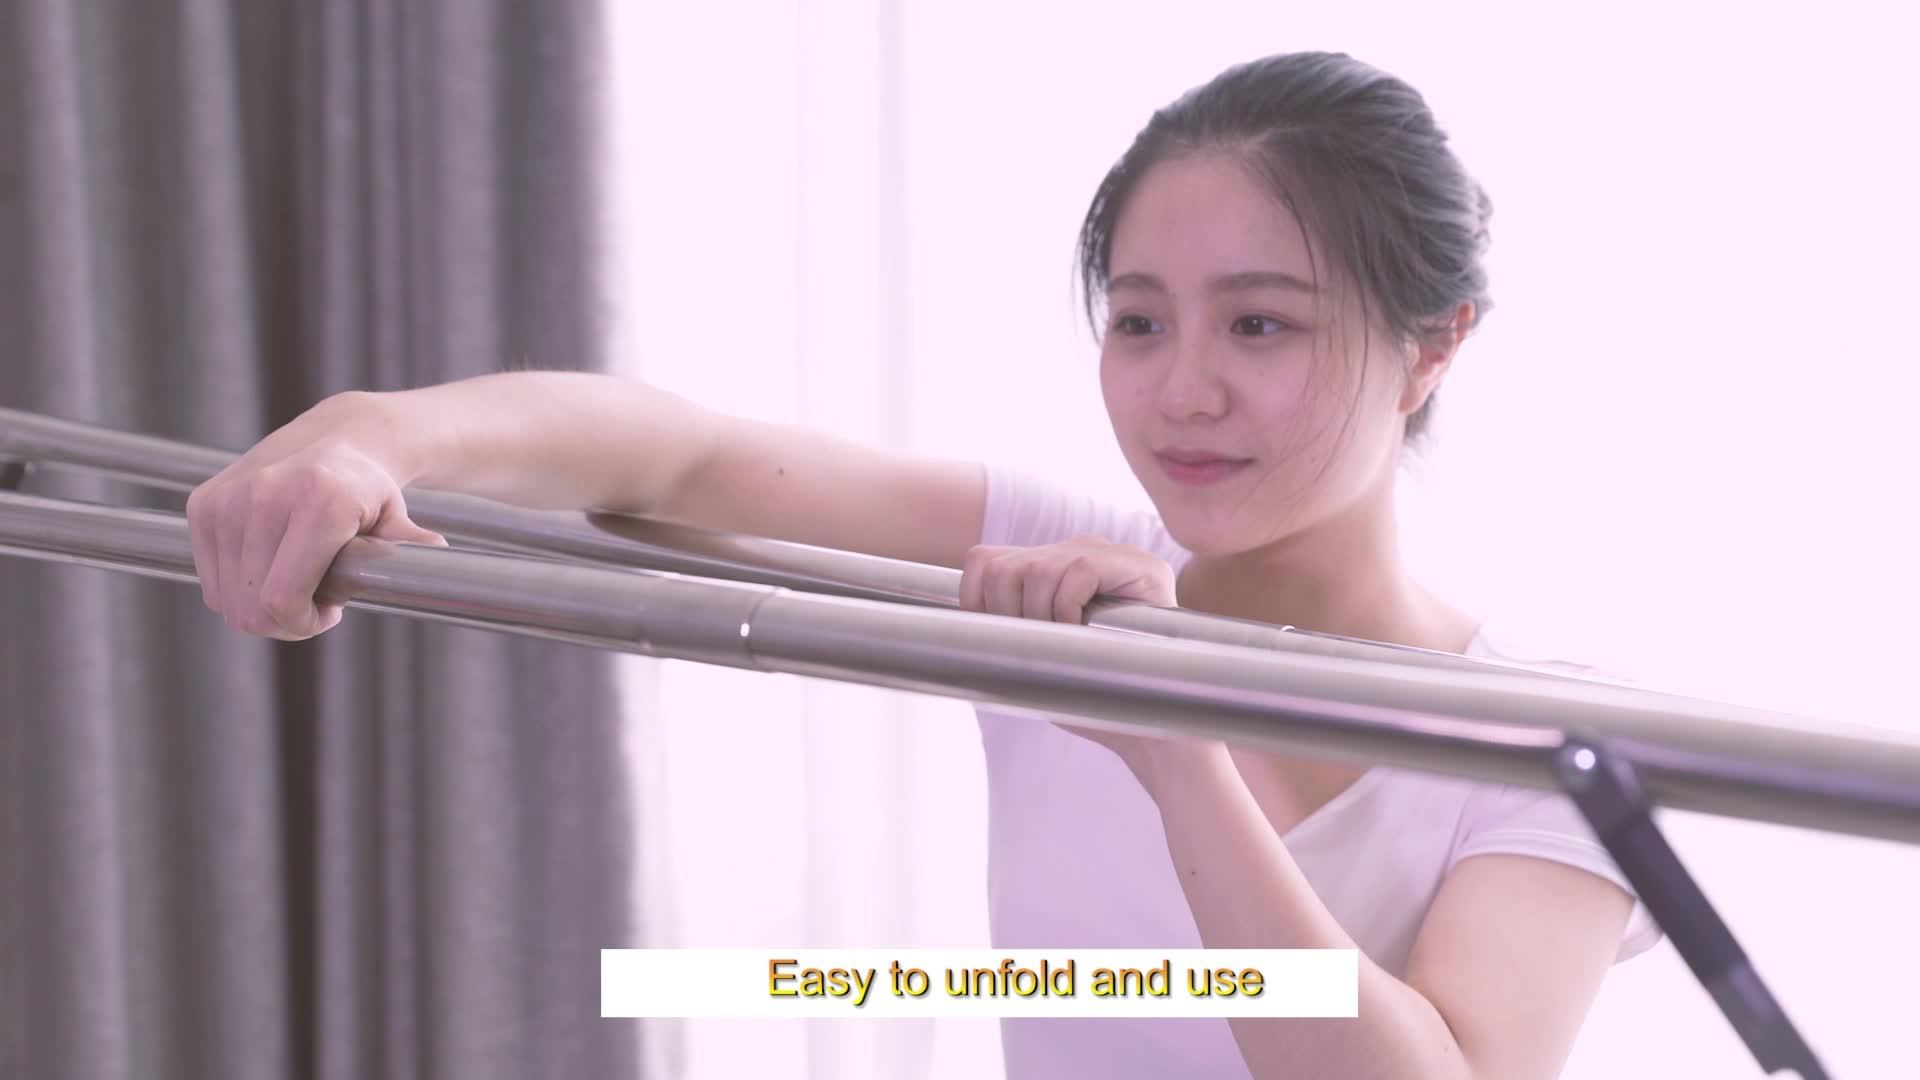 100% de acero inoxidable plata plegable ahorro de espacio de secado de ropa de lavandería de para uso en interiores y al aire libre